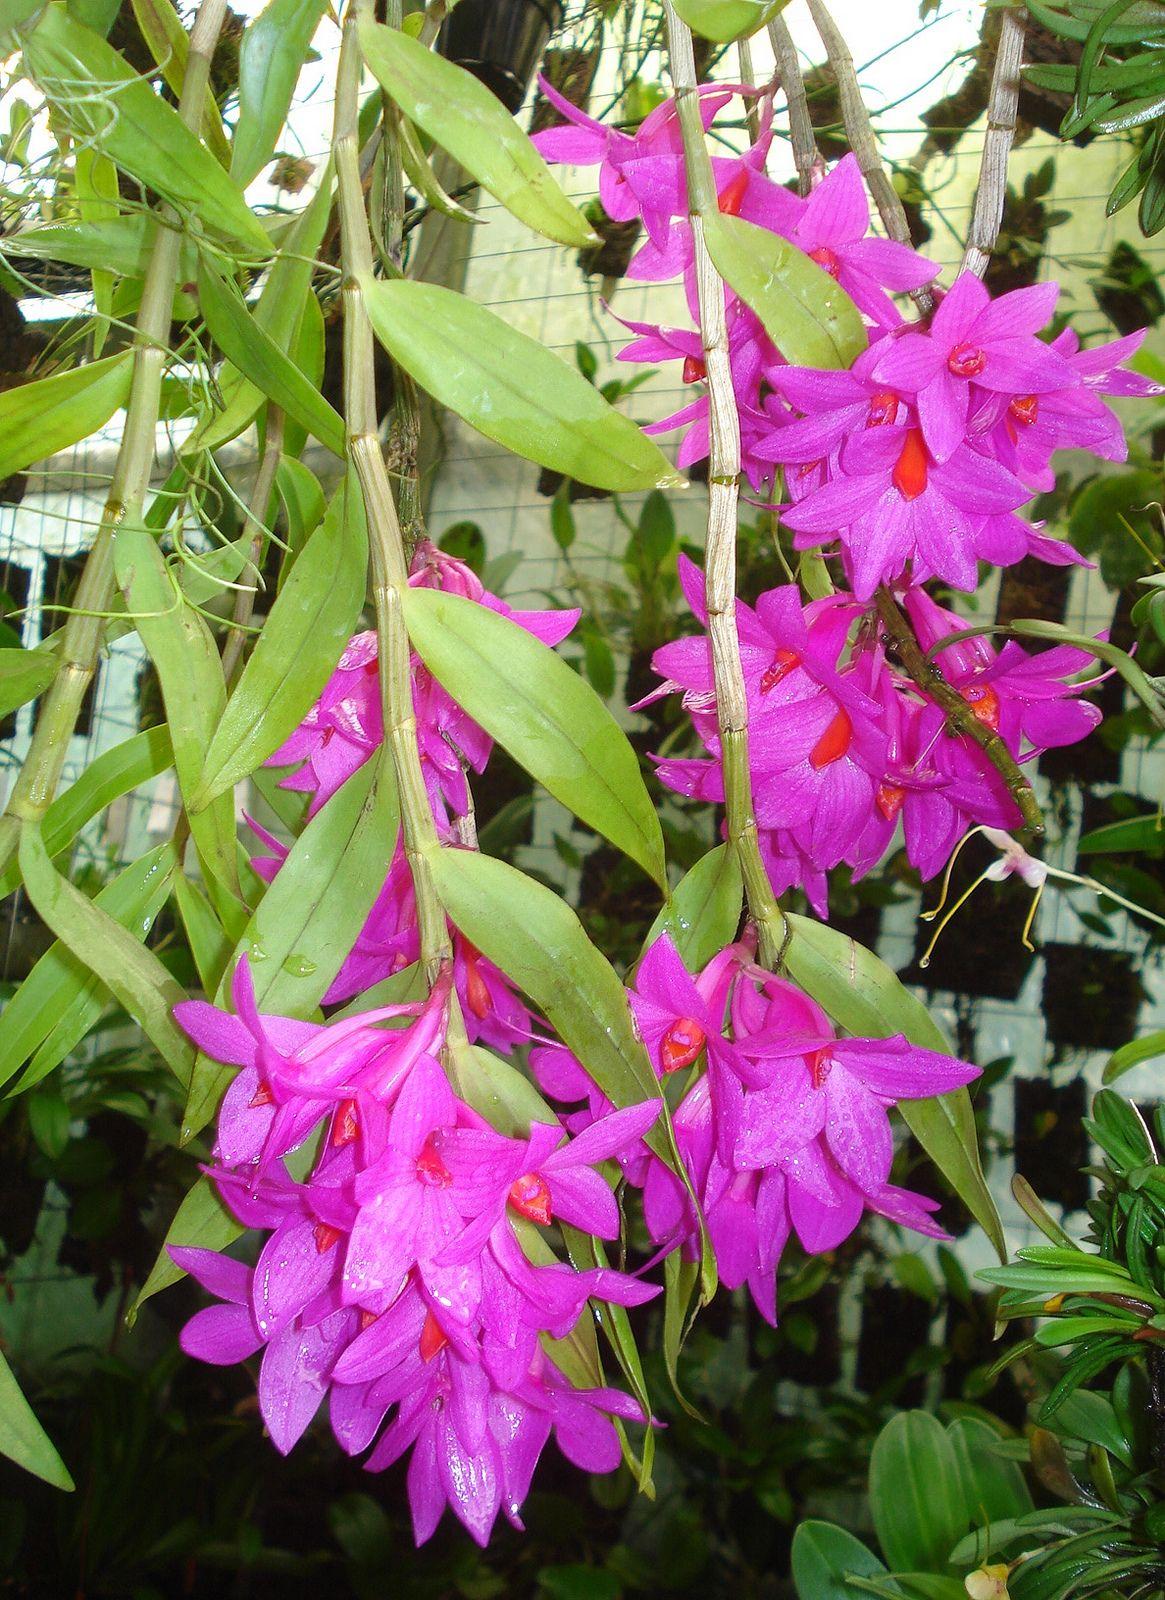 Les 25 meilleures id es de la cat gorie d plantes sur pinterest plantes de d cor de maison - Plante d appartement fleurie ...